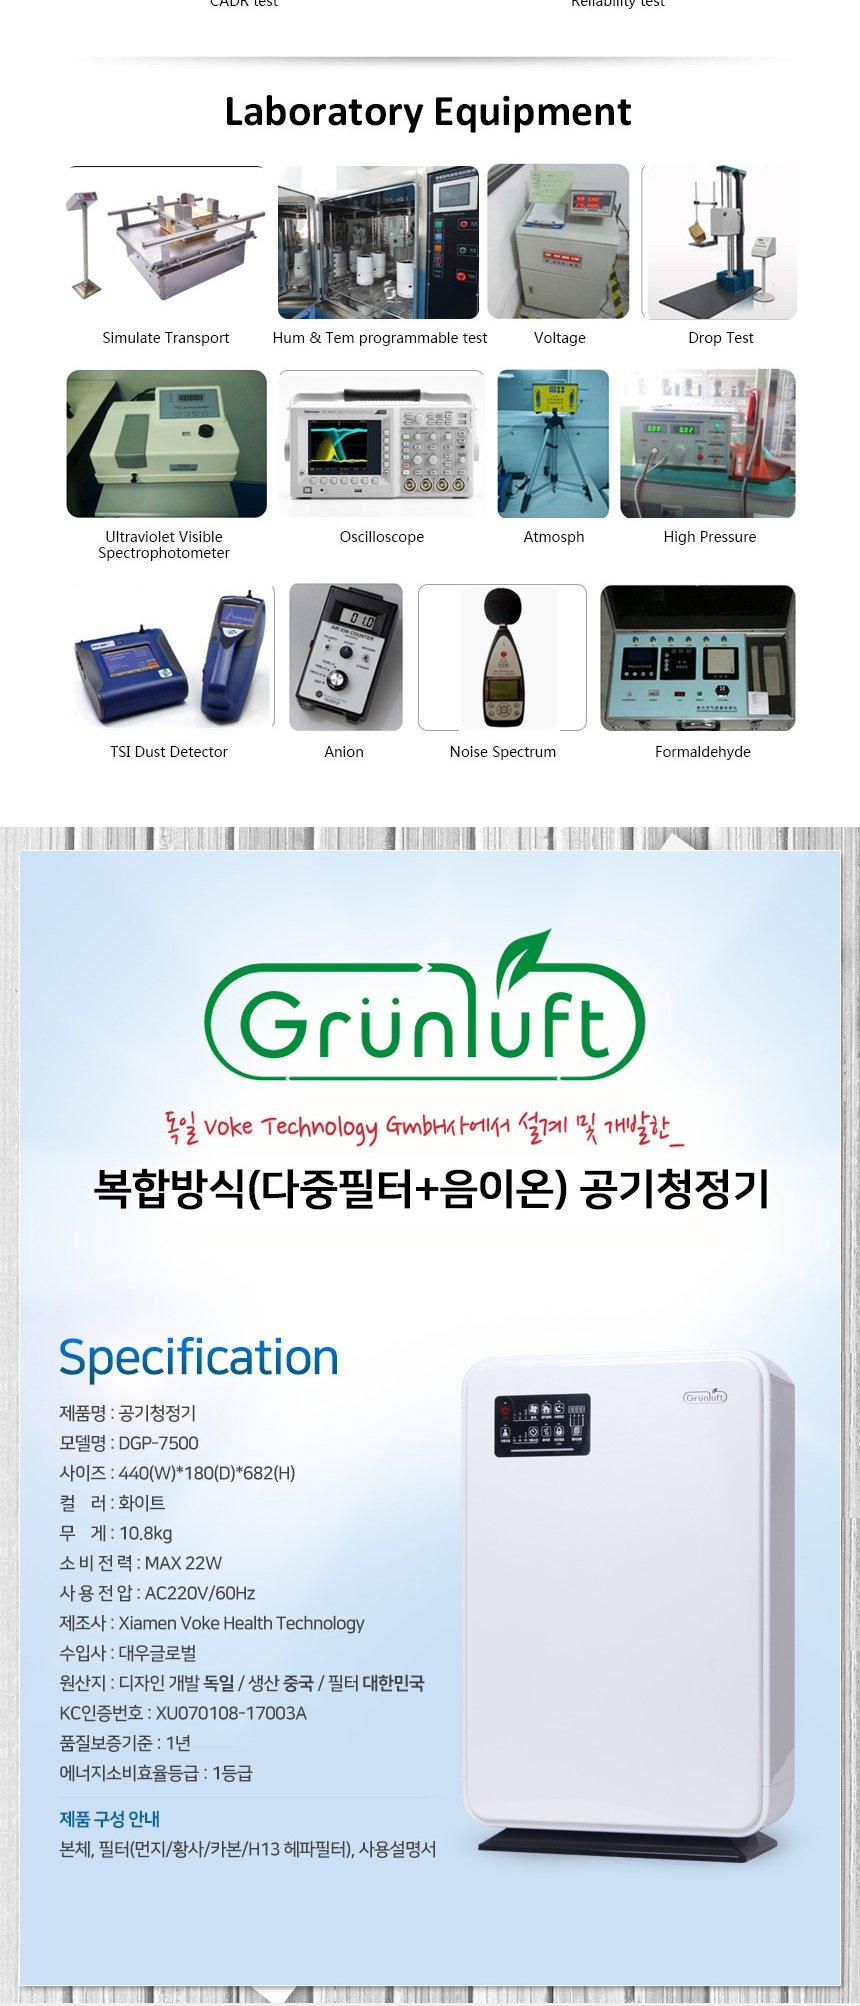 그린루프트 공기청정기 DGP-7500 - 그린루프트, 1,390,000원, 공기청정기, 필터식청정